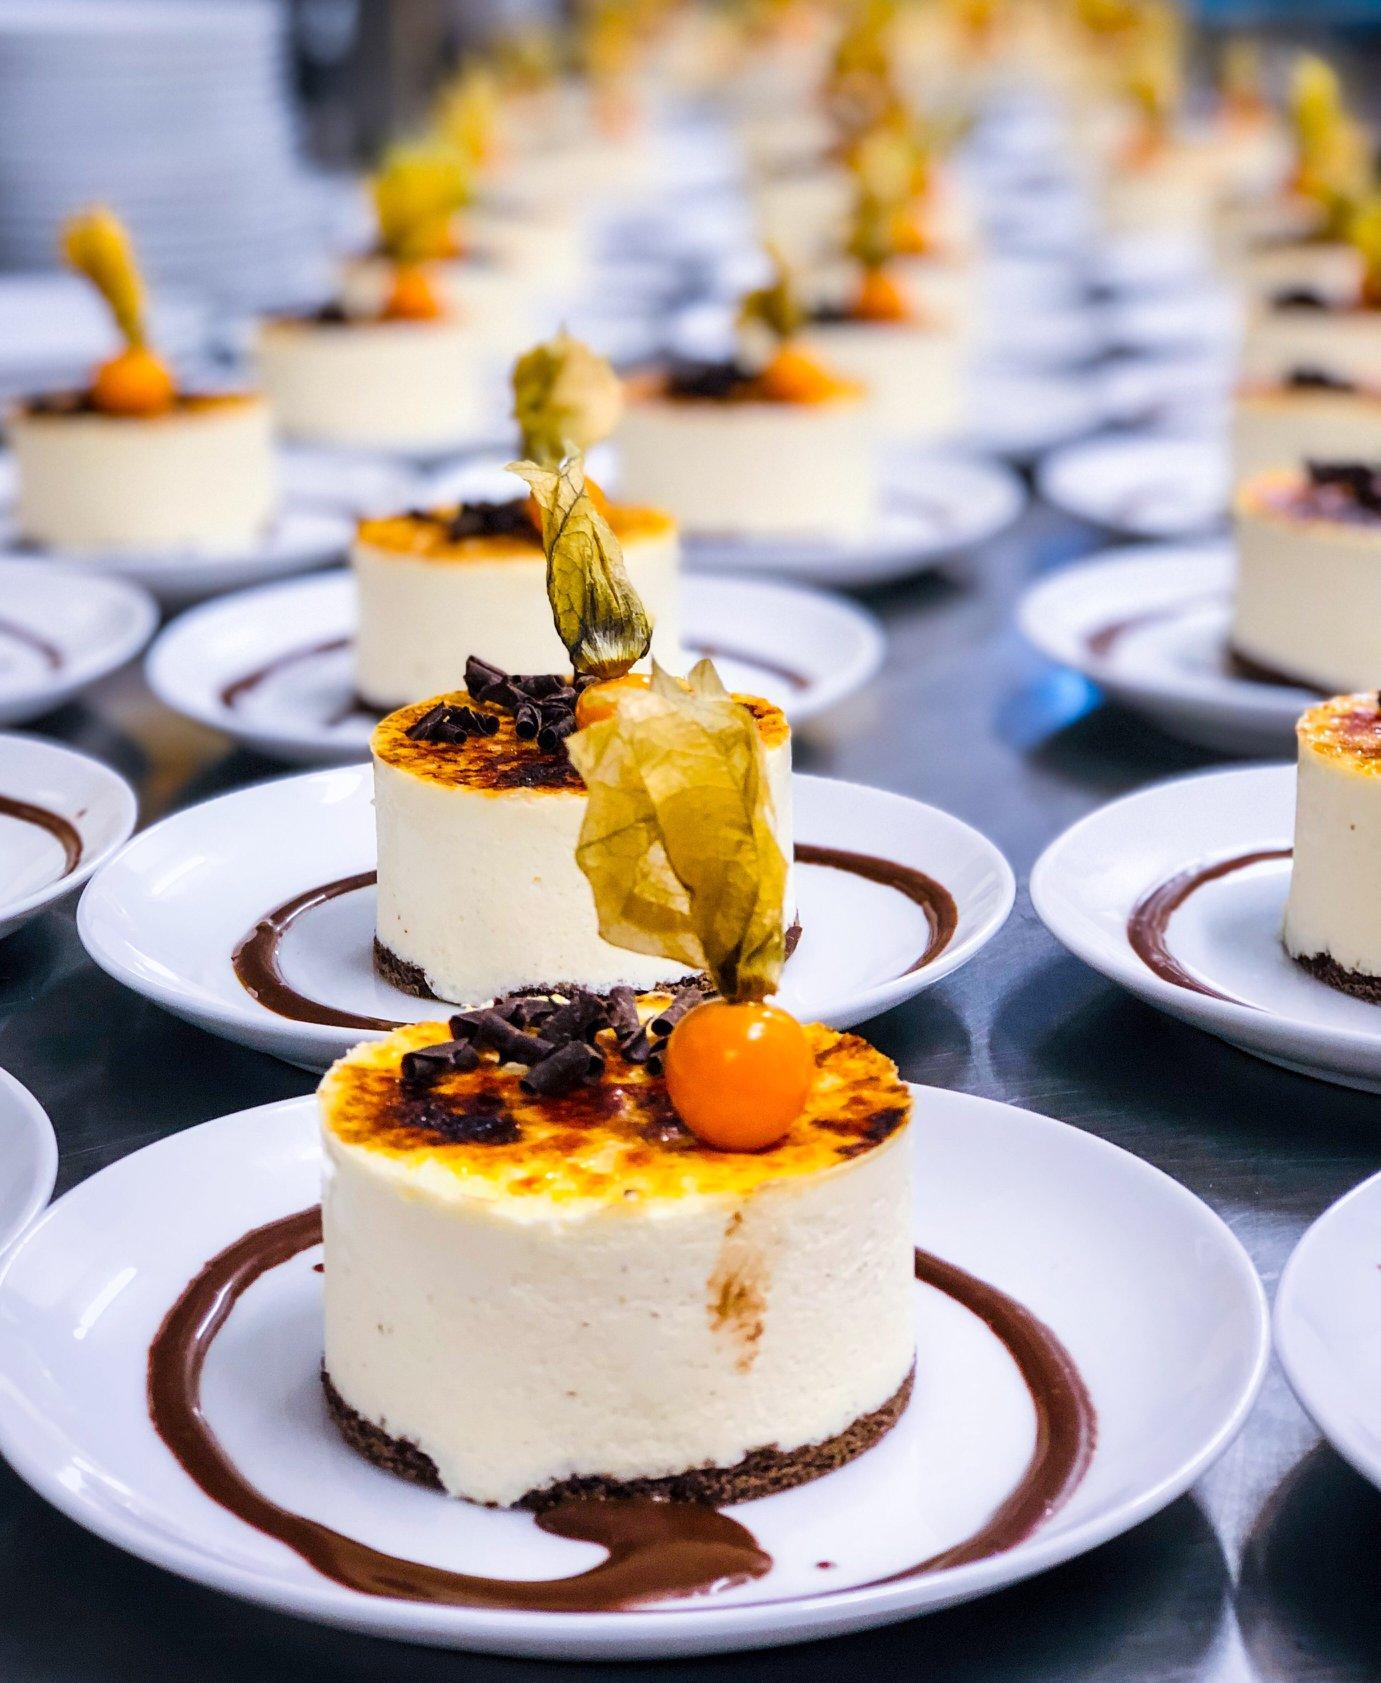 Le dîner de votre mariage, une étape importante dans sa réussite ! Traiteur à Pierrelatte dans la Drôme